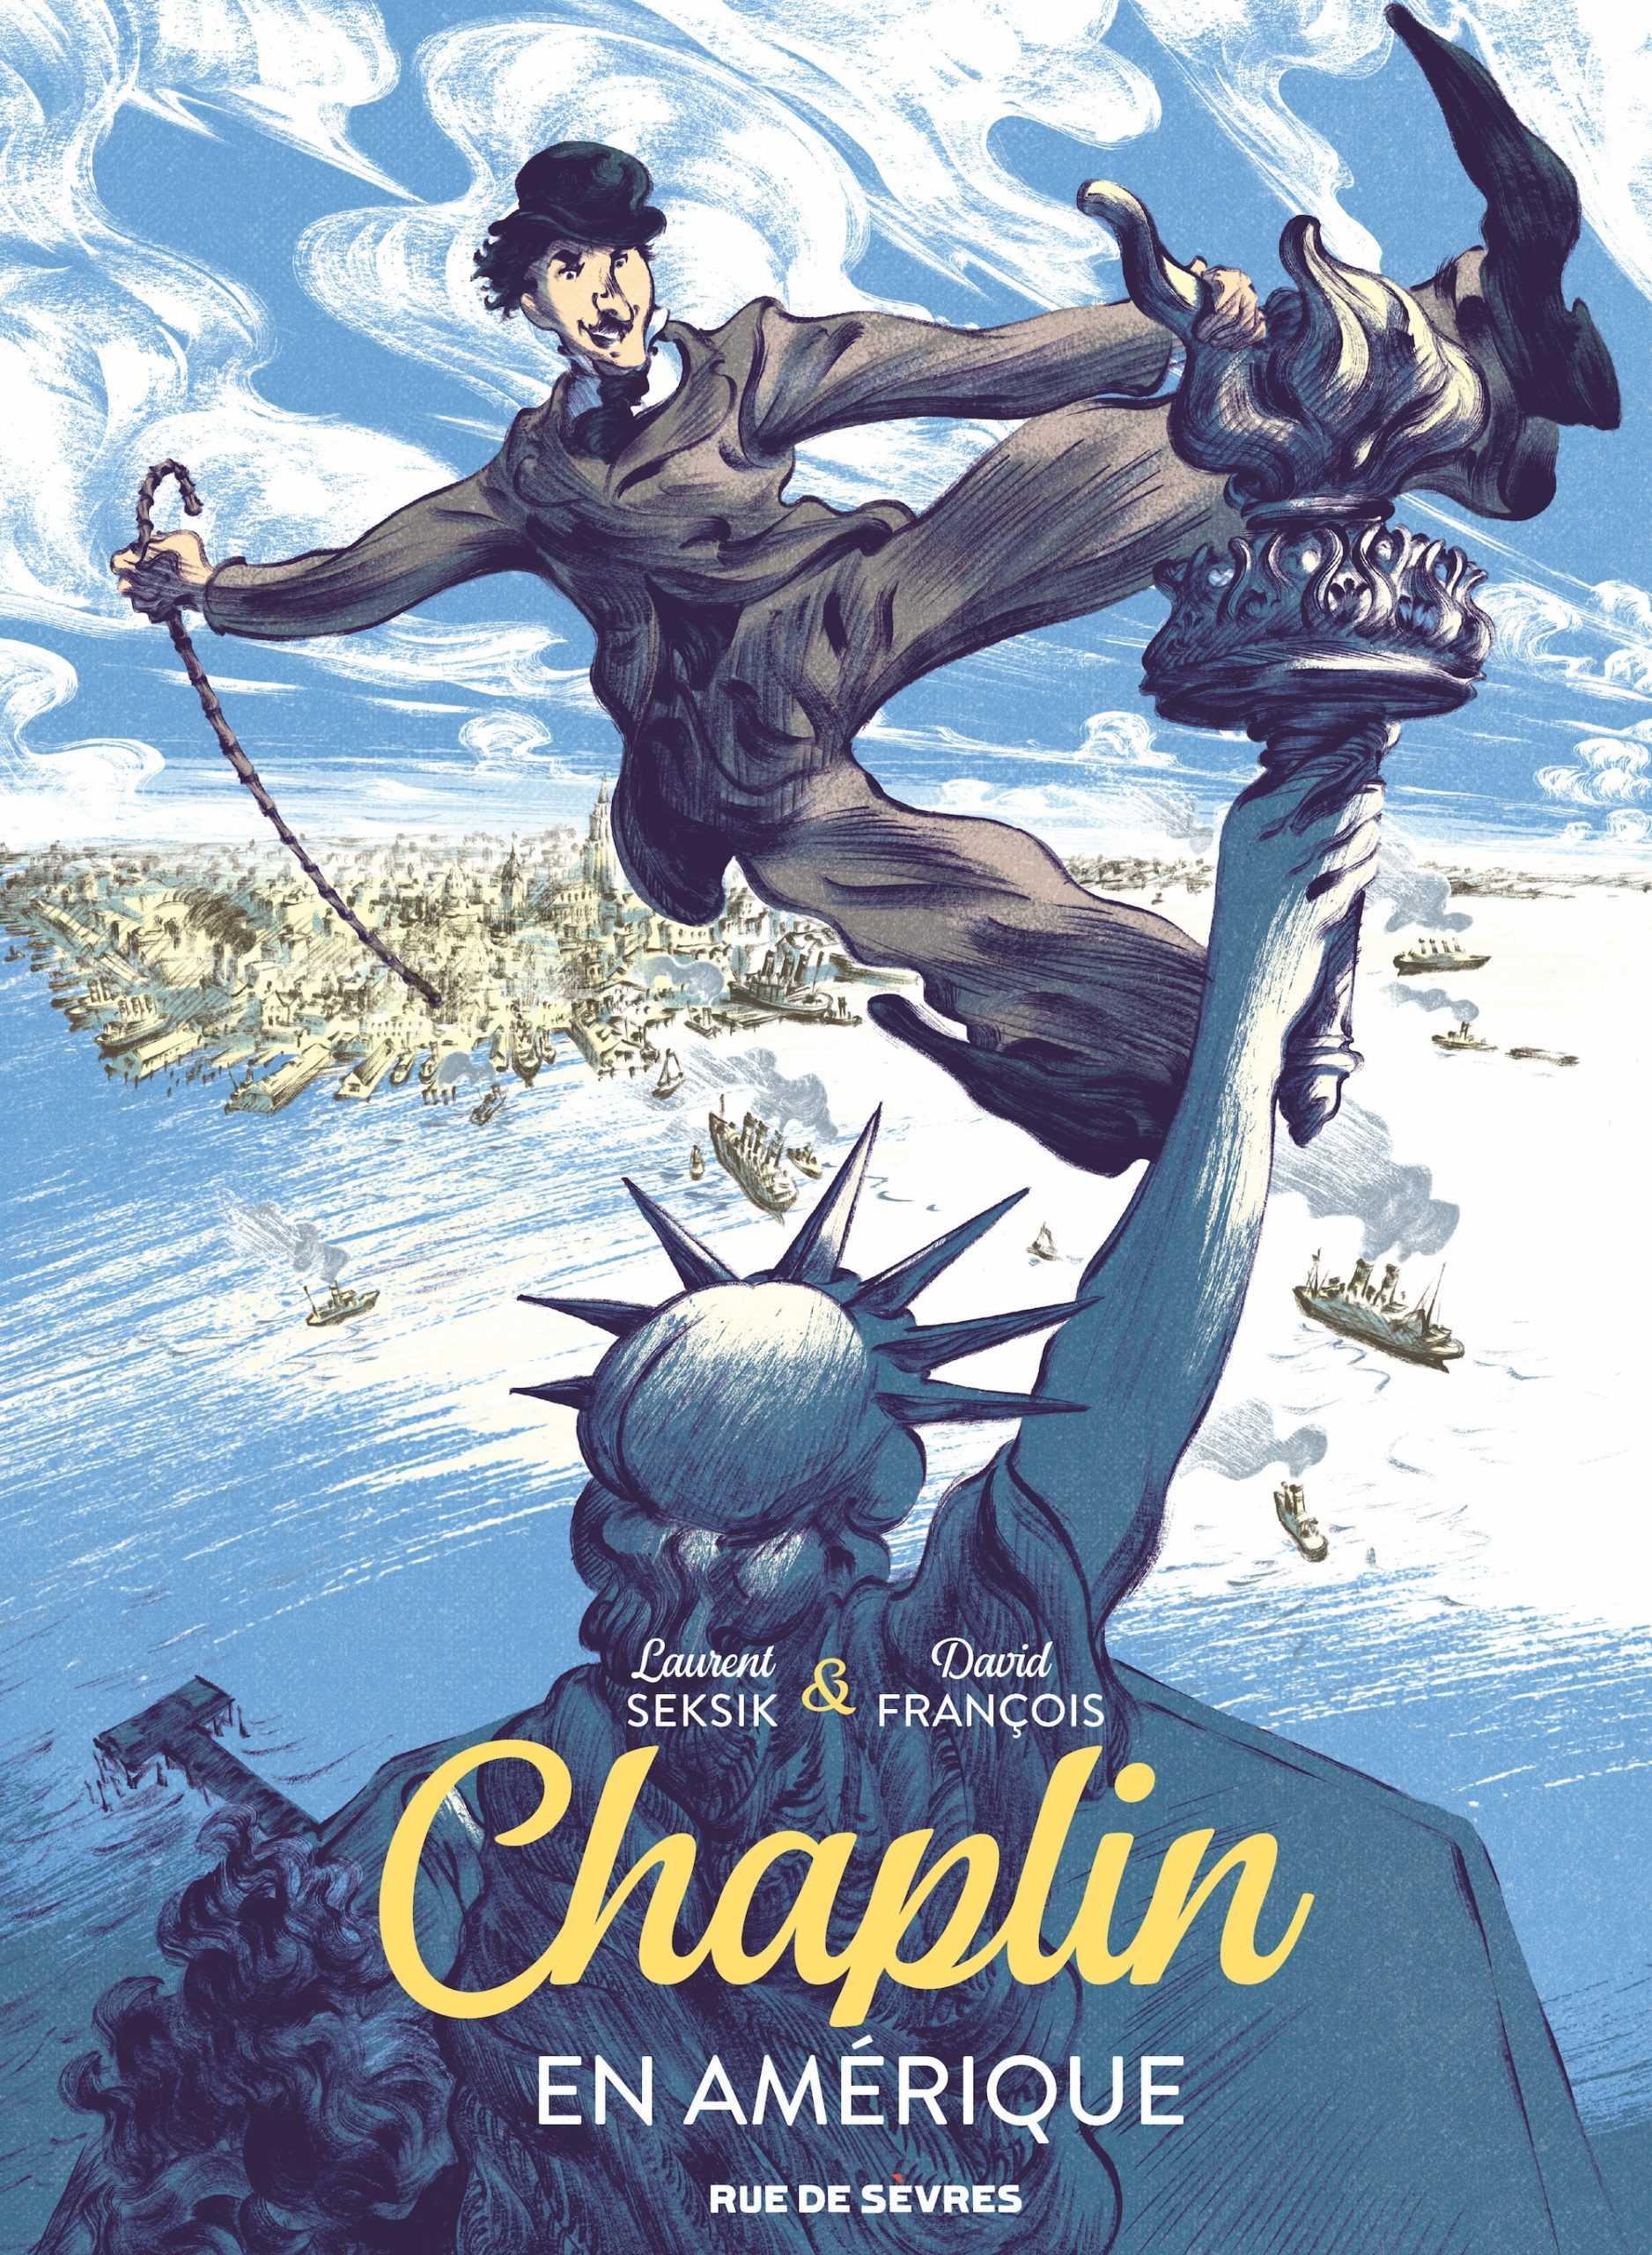 Chaplin en Amérique, Charlot le conquérant